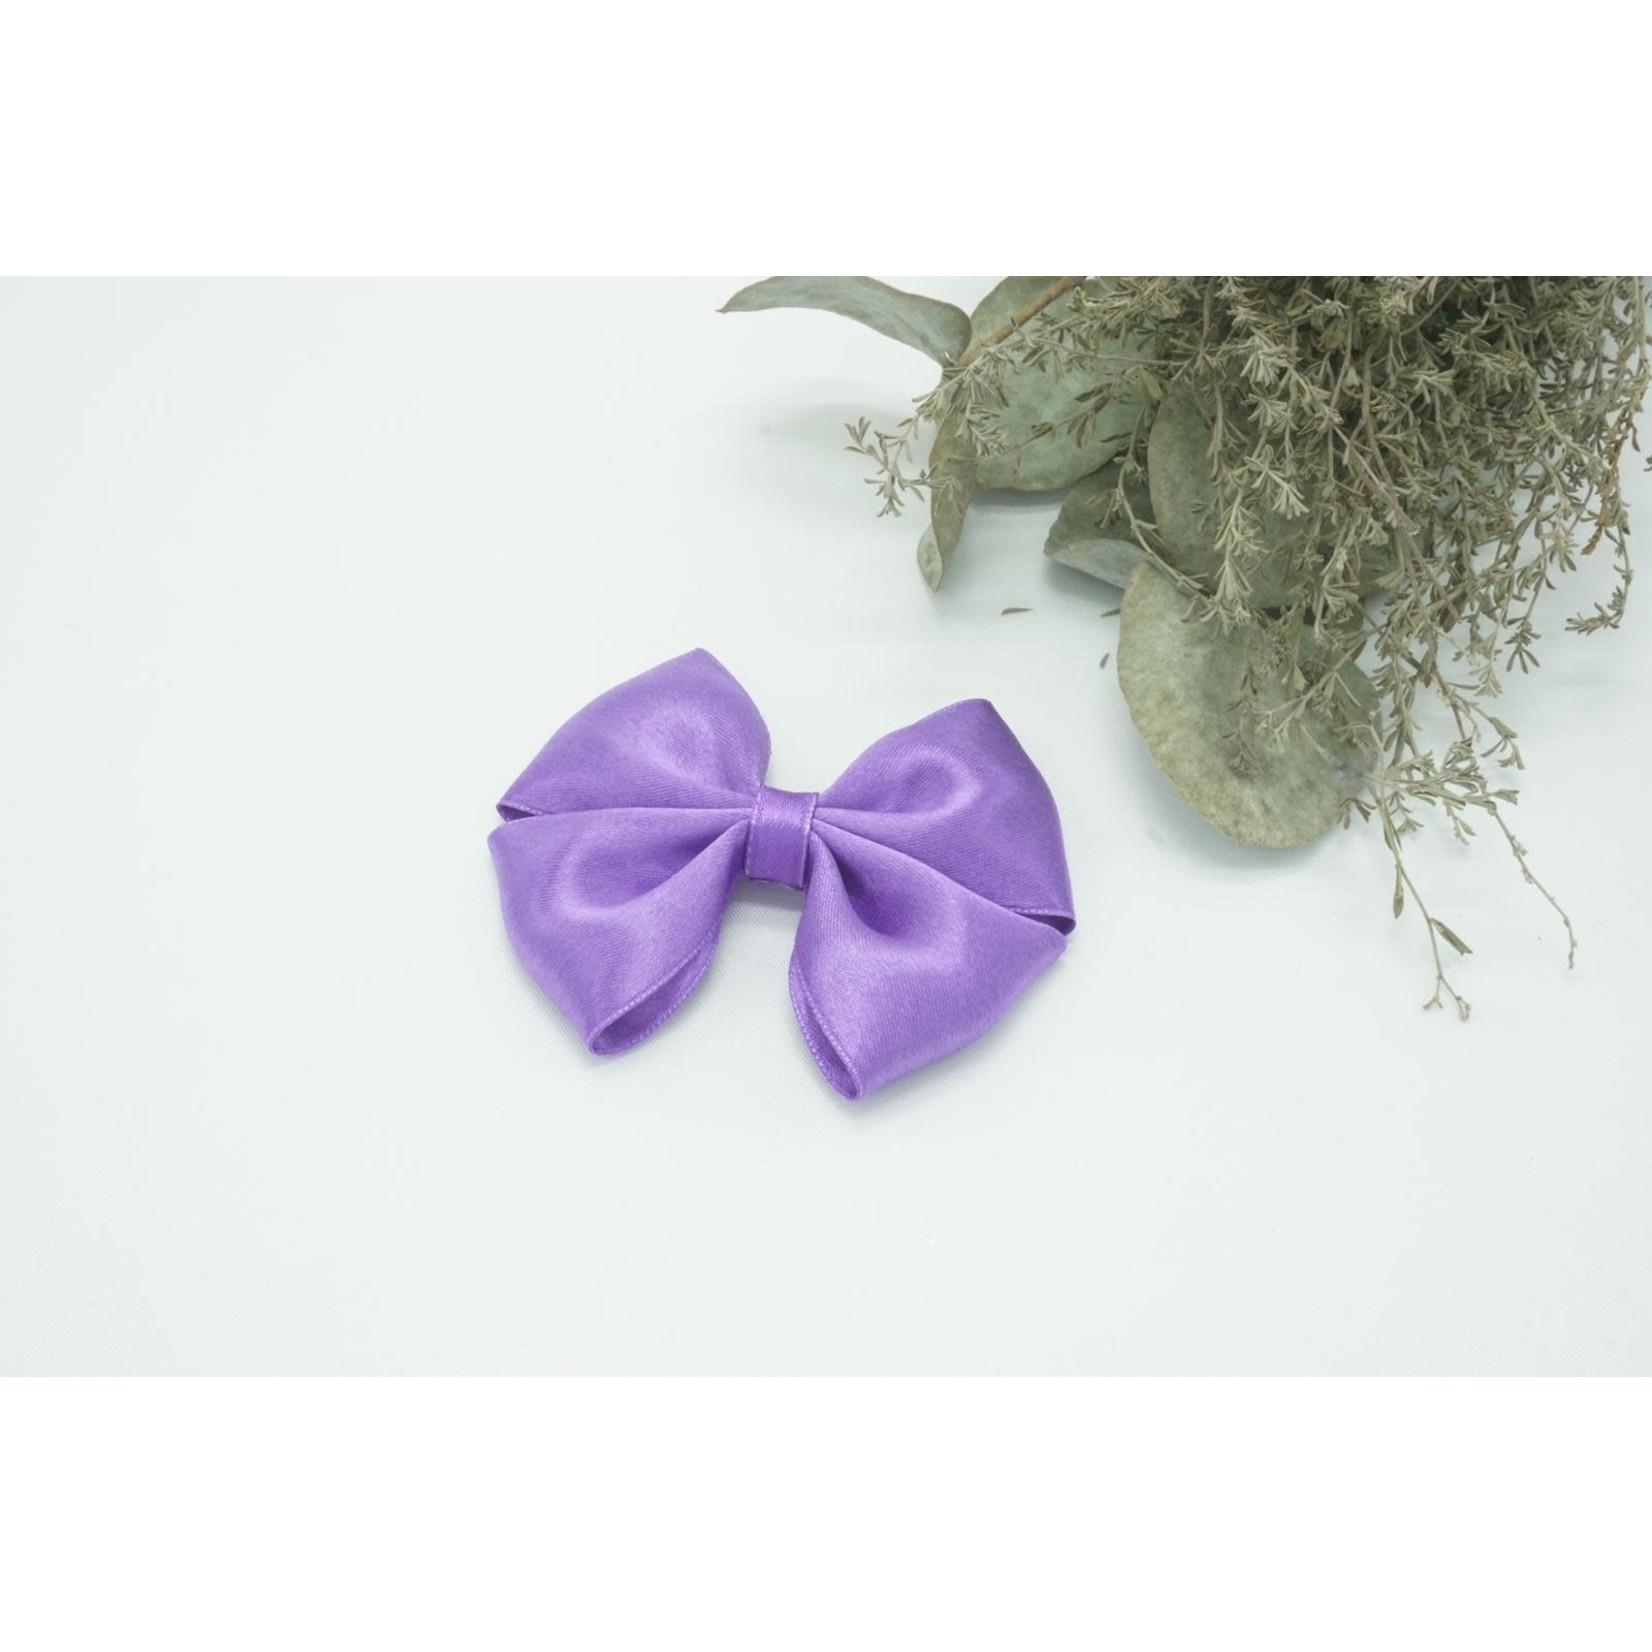 Petite Zara Satin Bow - Dark Violet